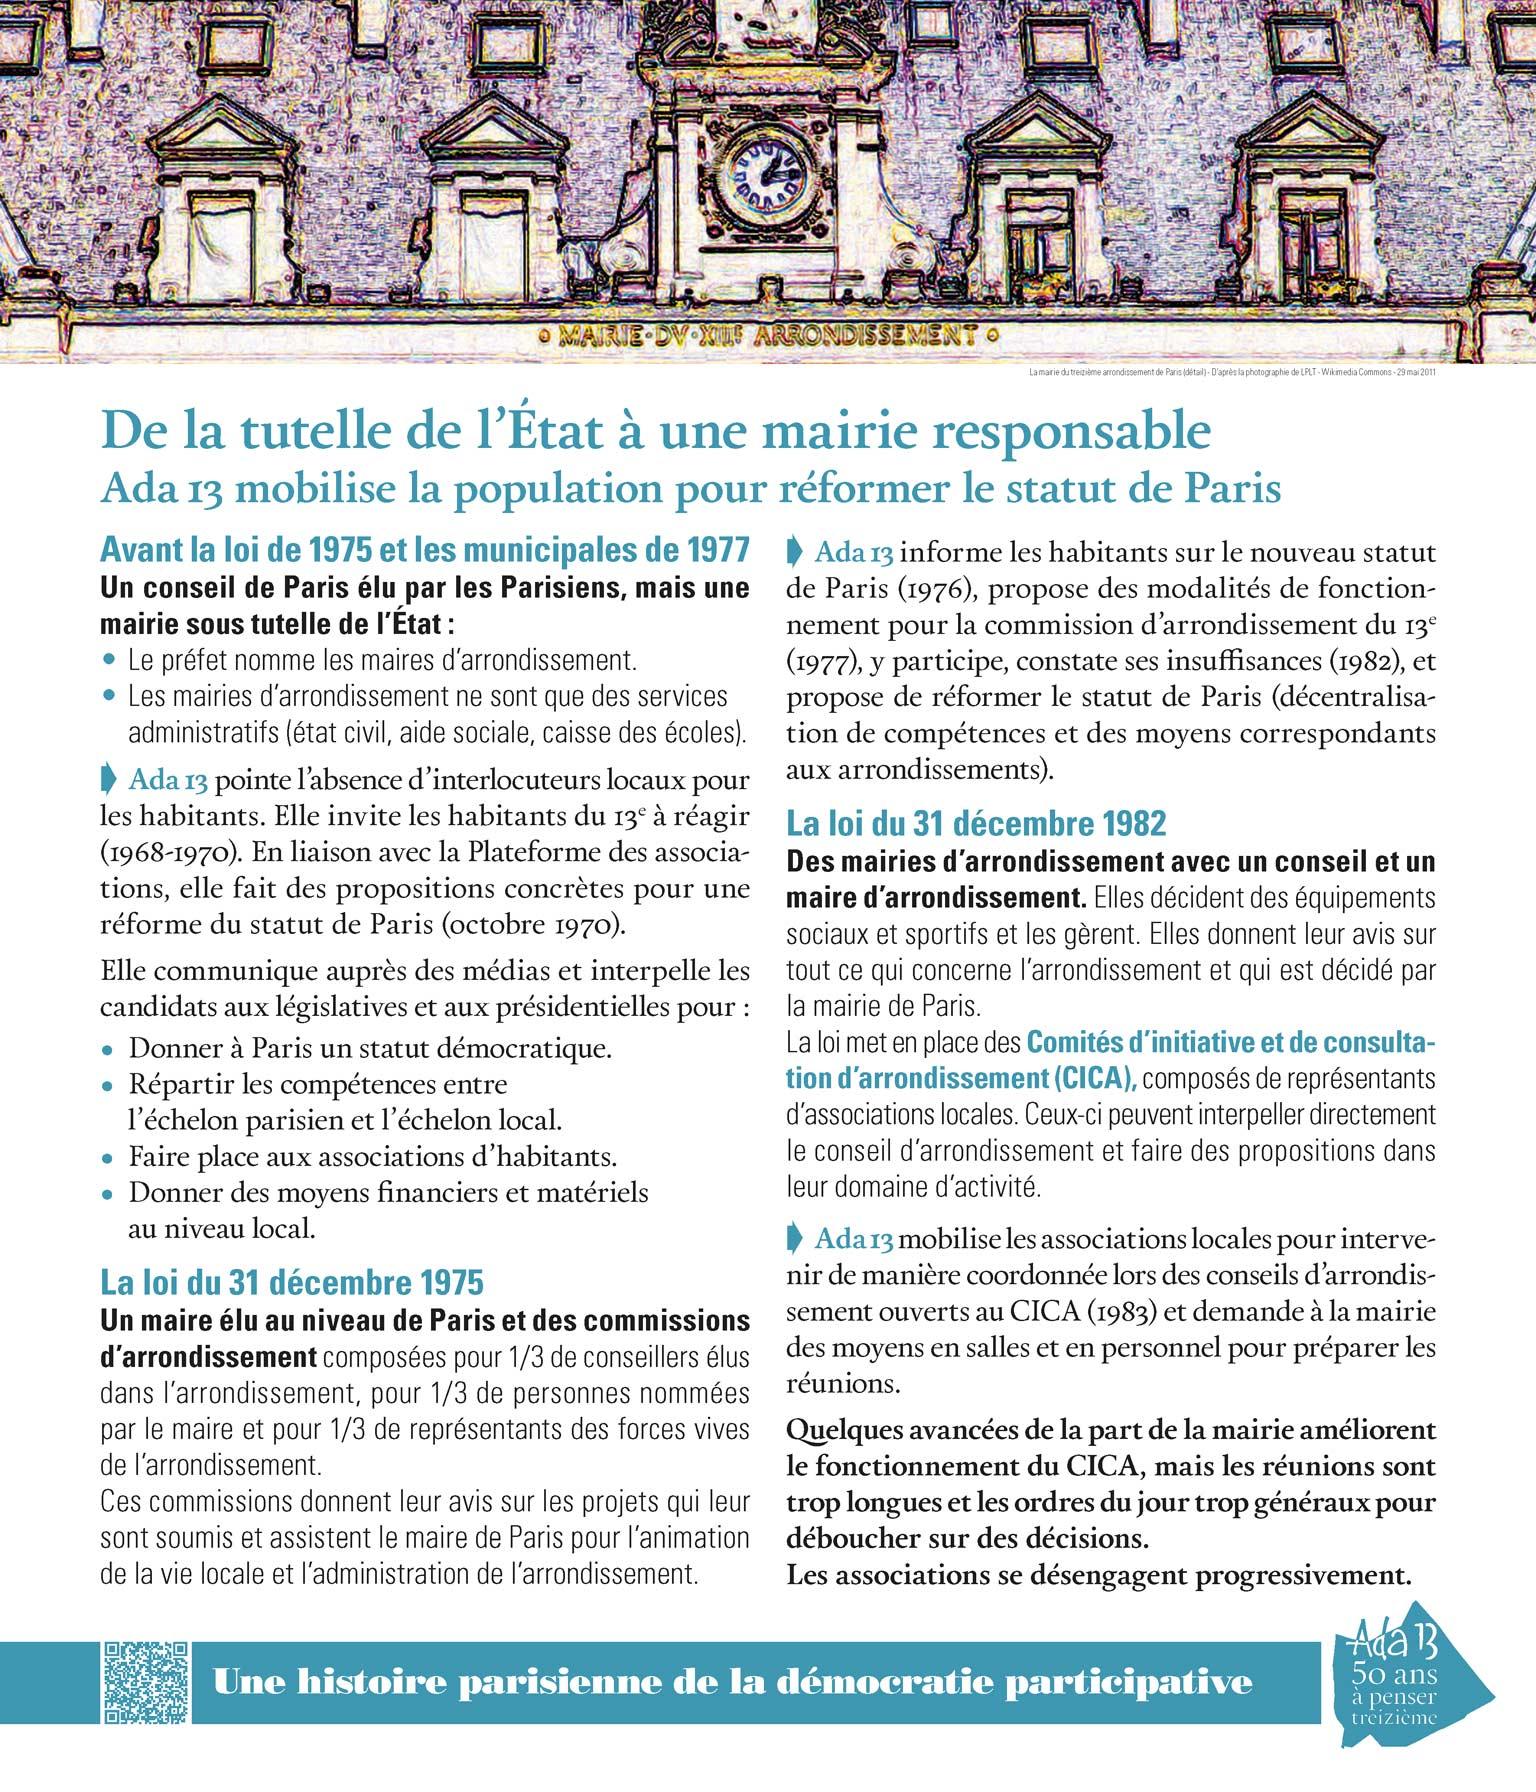 Panneau d'exposition | De la tutelle de l'État à une mairie responsable. Ada13 mobilise la population pour réformer le statut de Paris